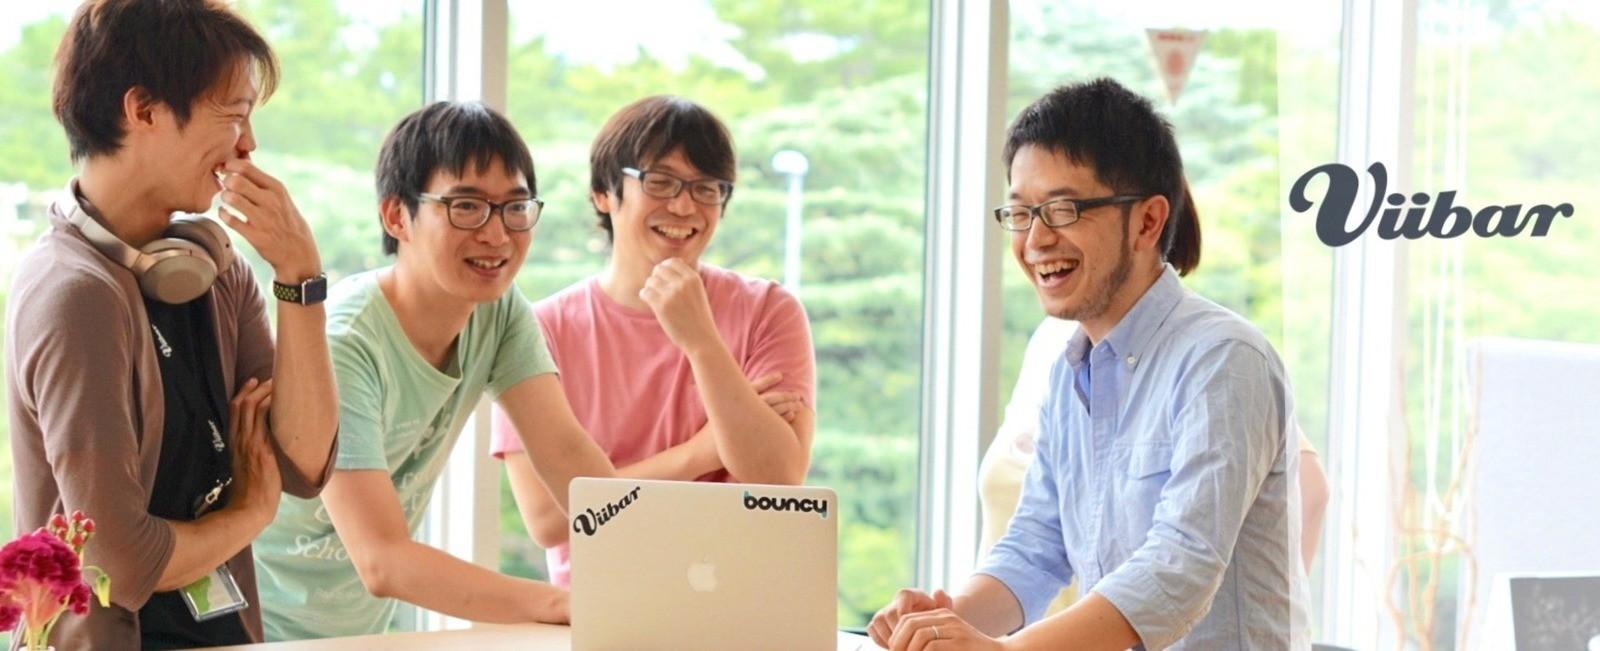 動画を産業に。大手広告代理店導入!制作管理ツール「Vync」の開発など、動画を軸にするサービス開発を行うRubyエンジニア募集!